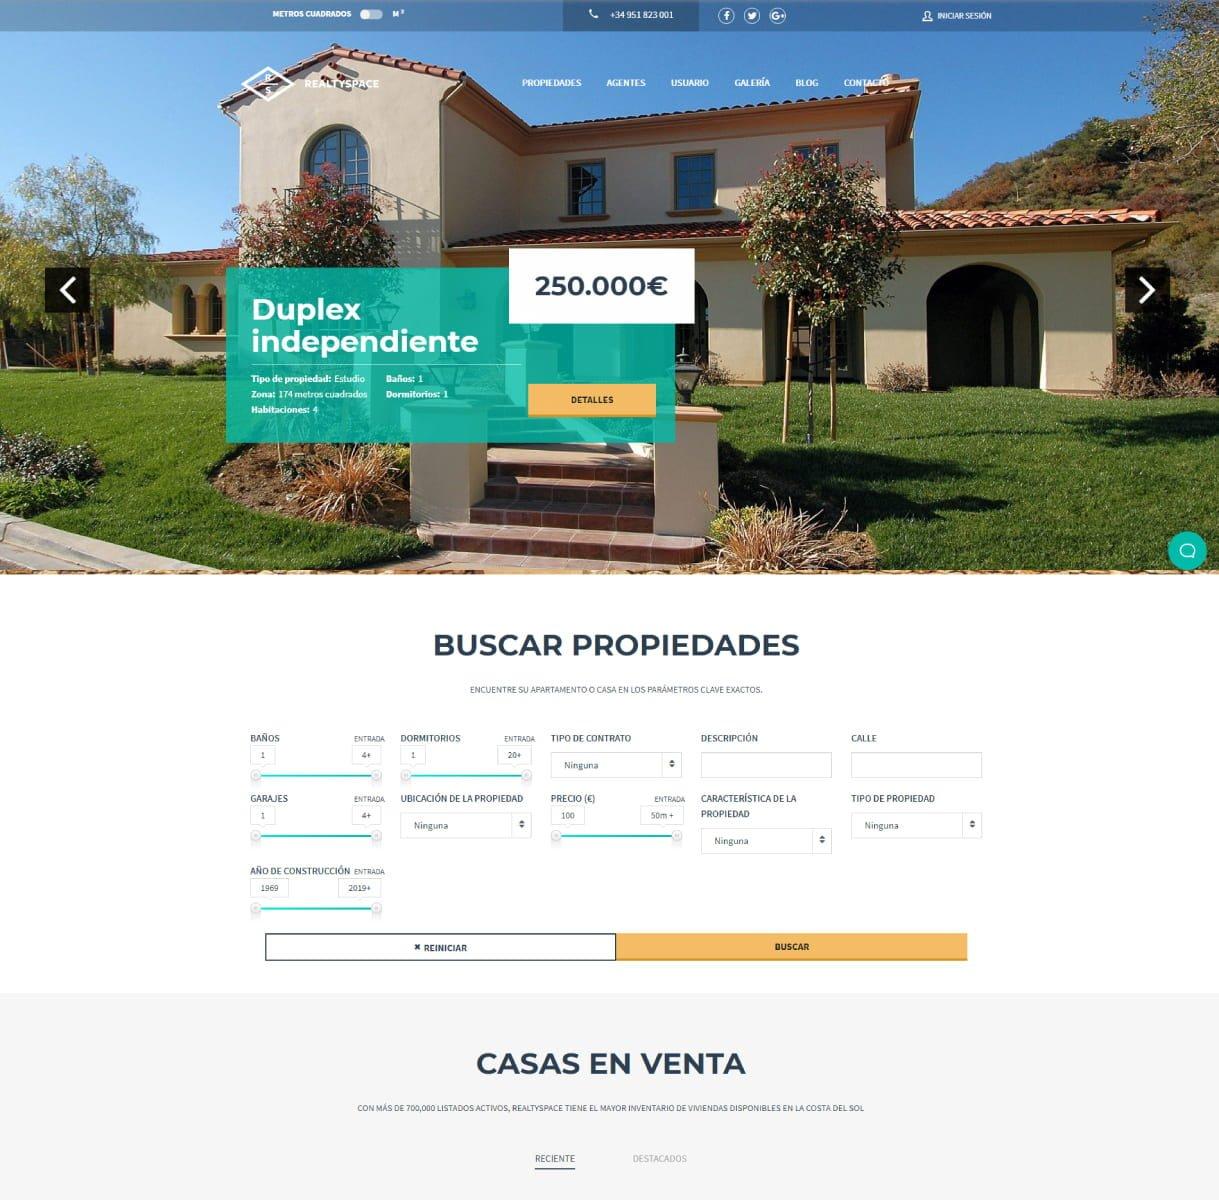 páginas web inmobiliarias